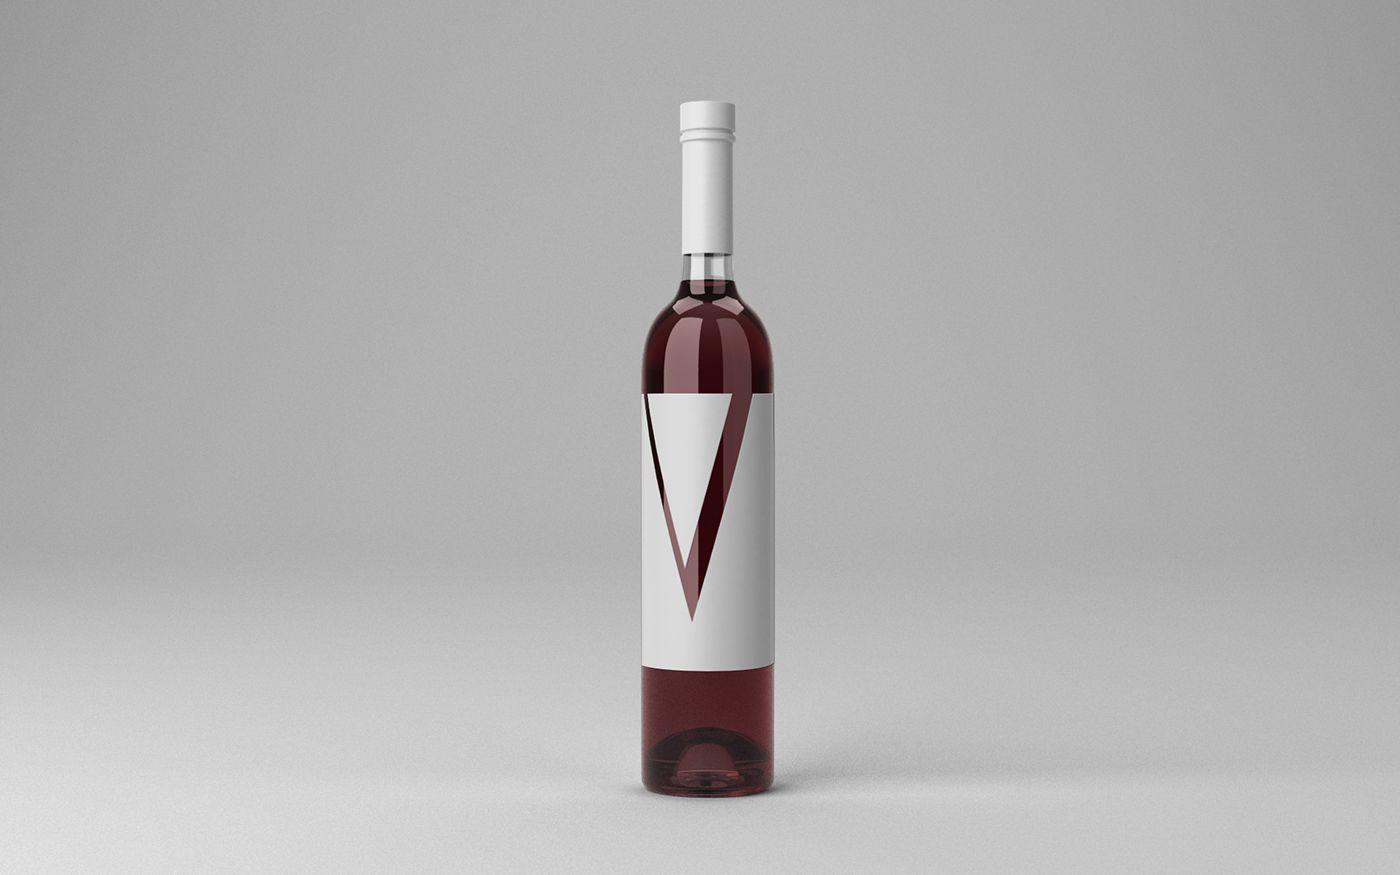 Free Wine Bottle Mock Up 31 2 Mb By Artem Yakimchuk On Behance Free Mockup Photoshop